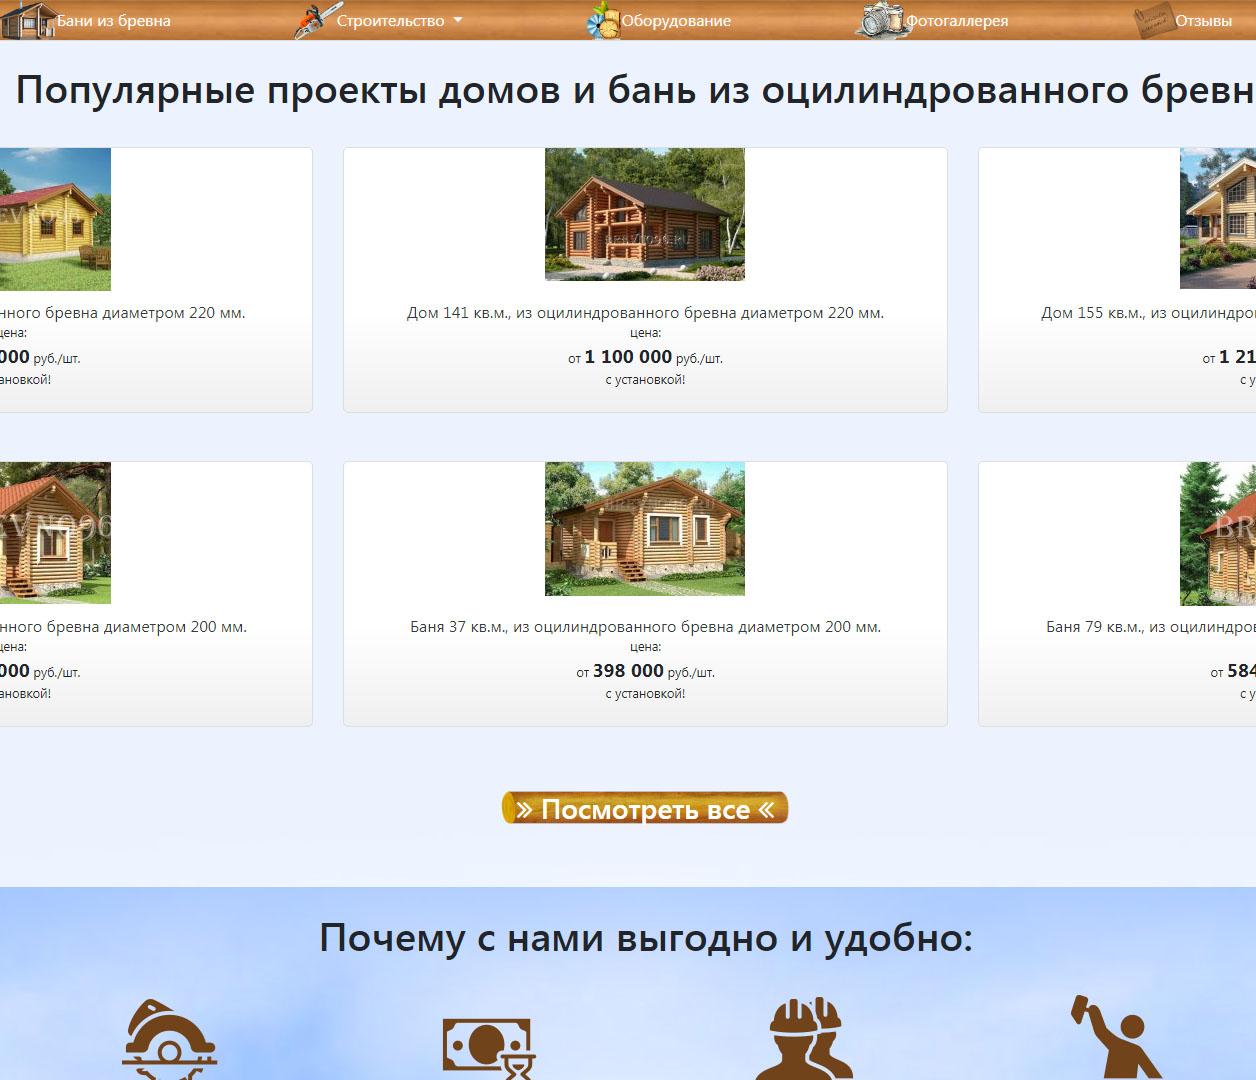 Деревянный дом. Оцилиндрованное бревно в Екатеринбурге